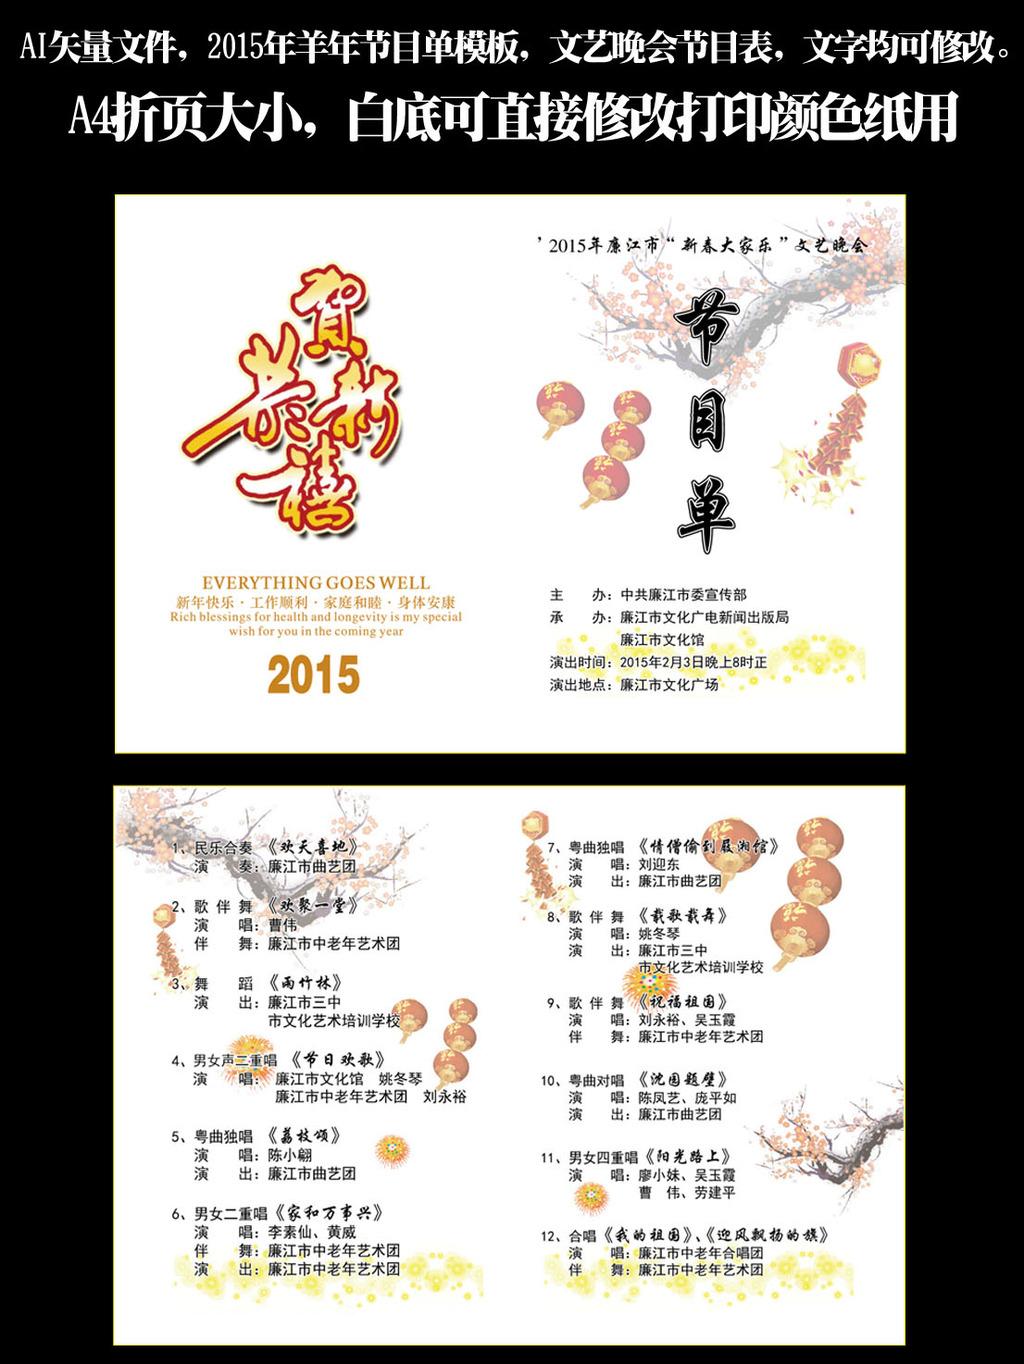 2015年晚会节目单演出出场表图片